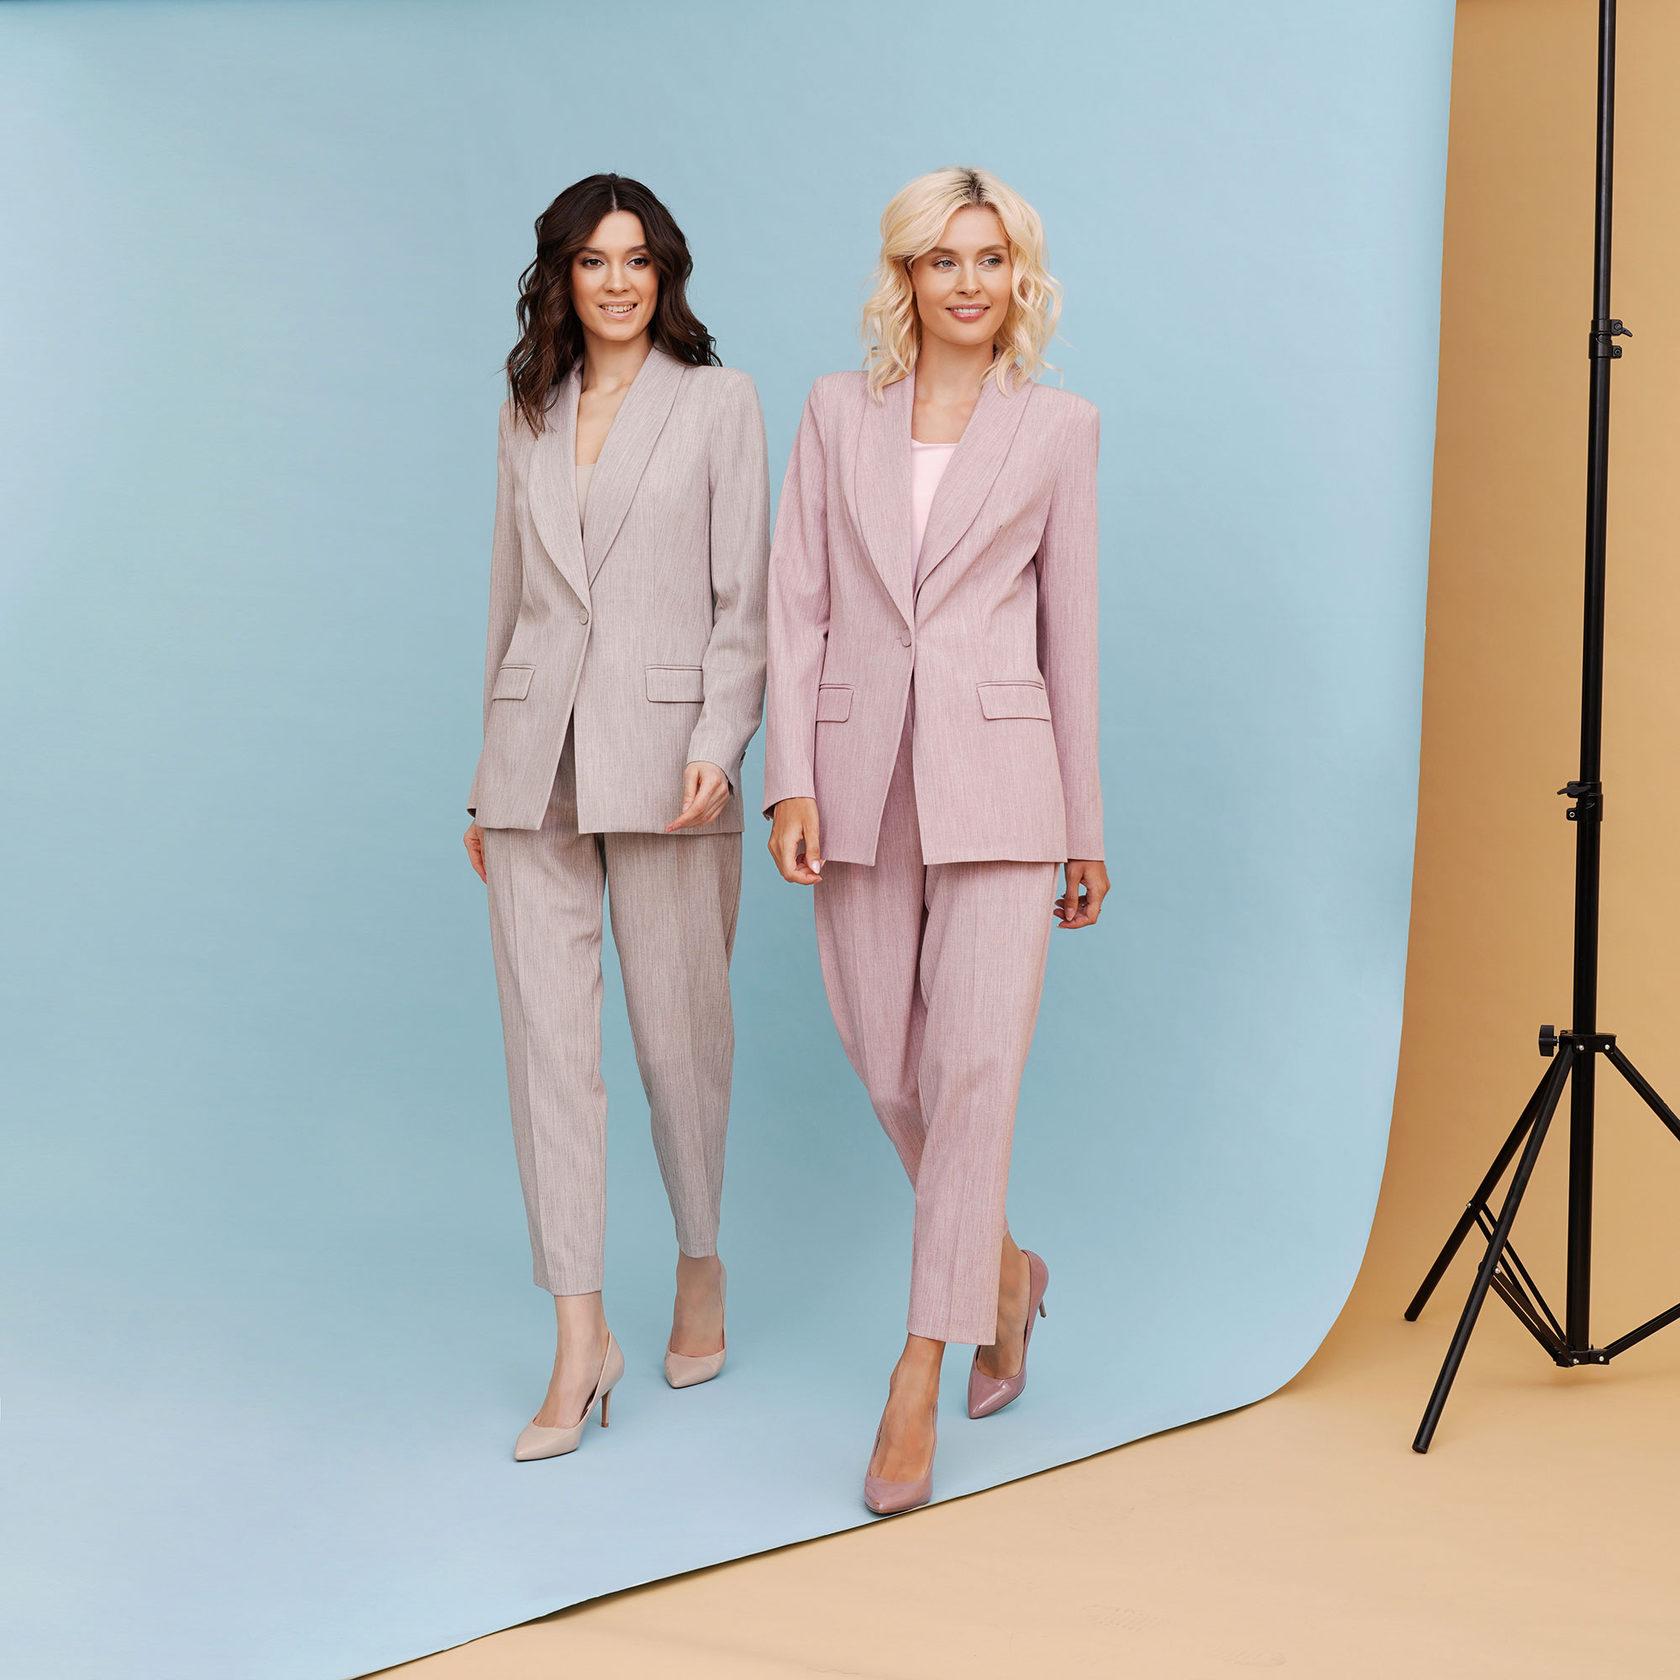 Рекламная фотосъемка одежды самара